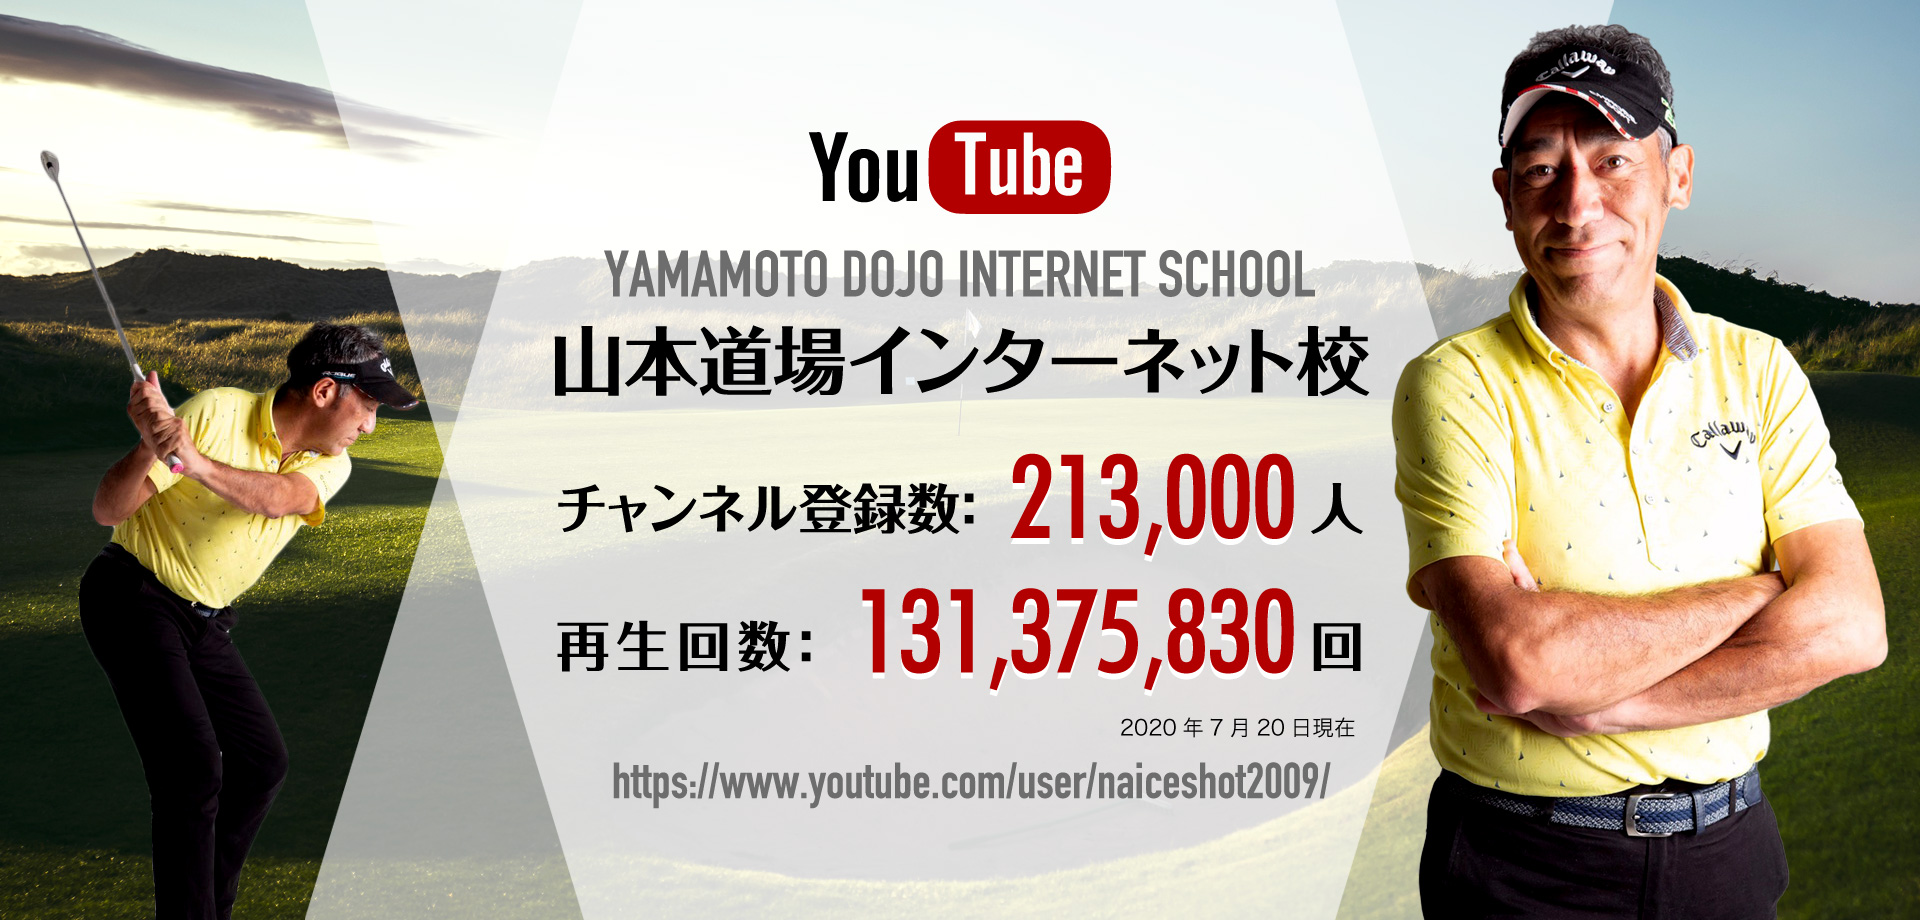 | 山本道場インターネット校